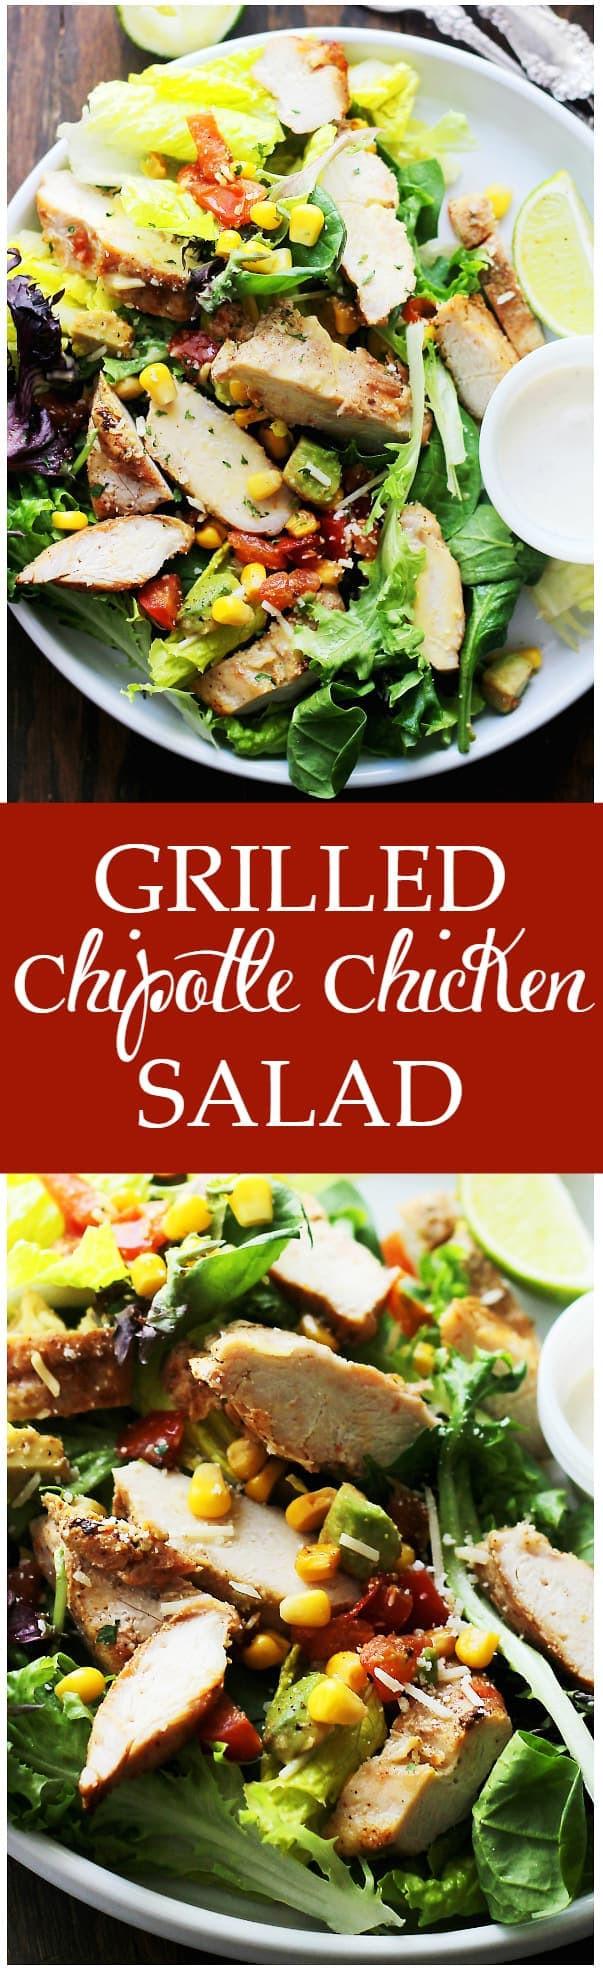 Chipotle Chicken Salad  Grilled Chipotle Chicken Salad Recipe